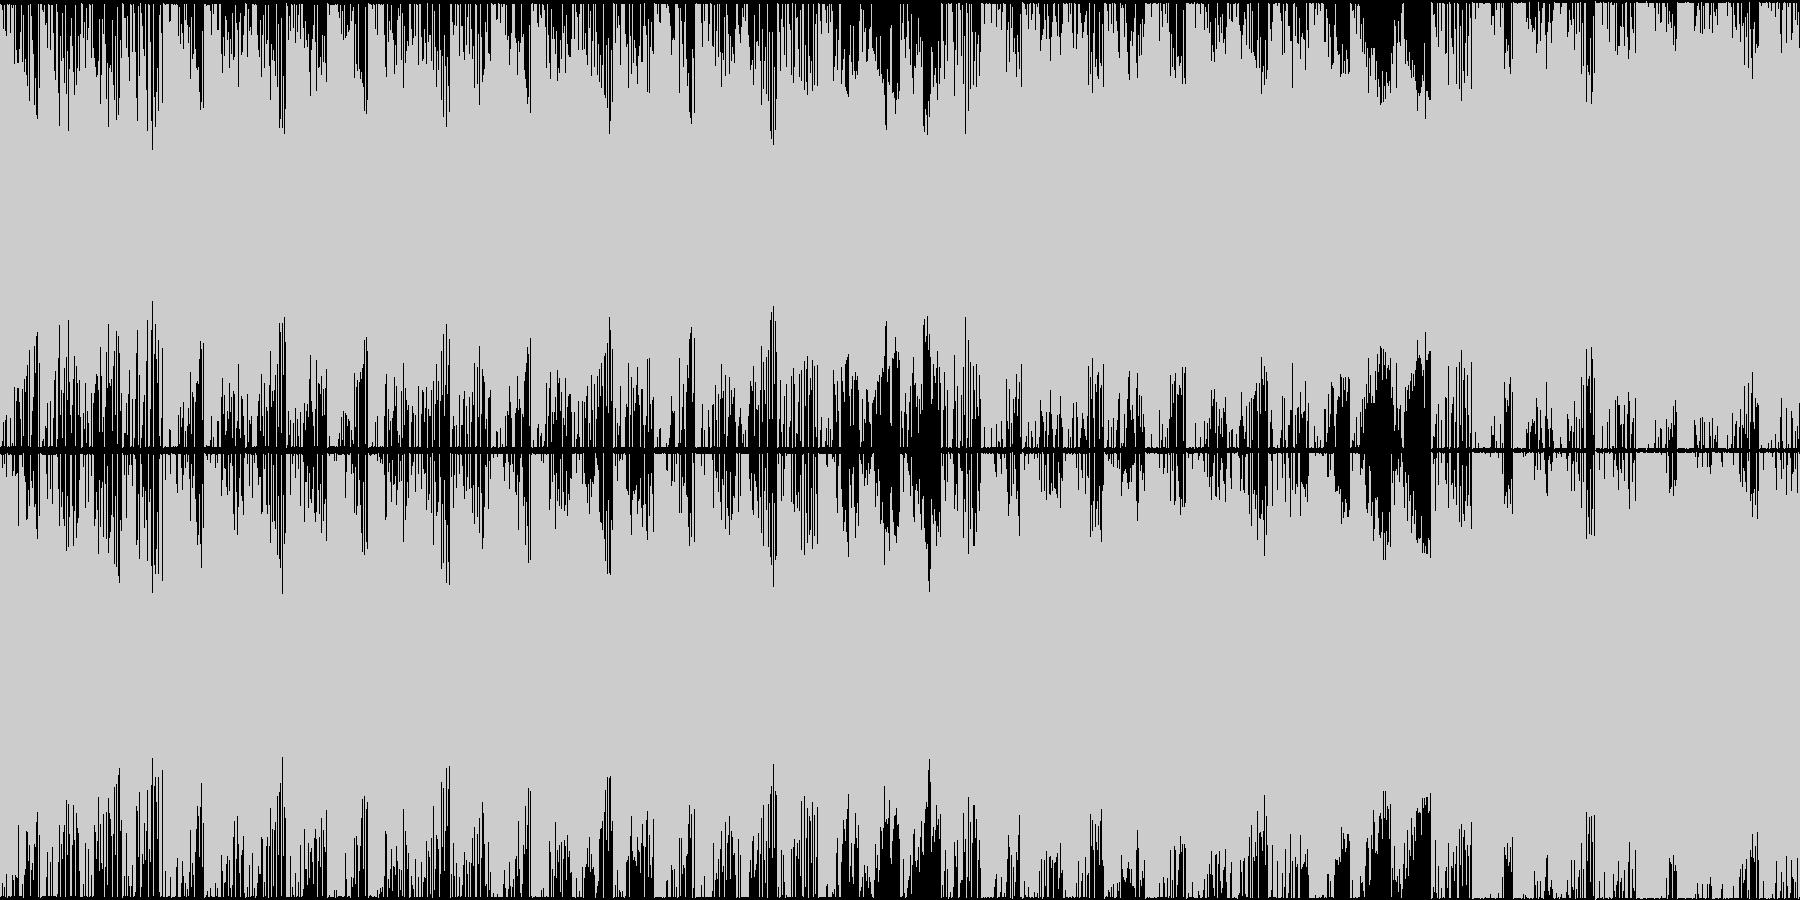 幻想的で穏やかなエレクトロR&Bループの未再生の波形